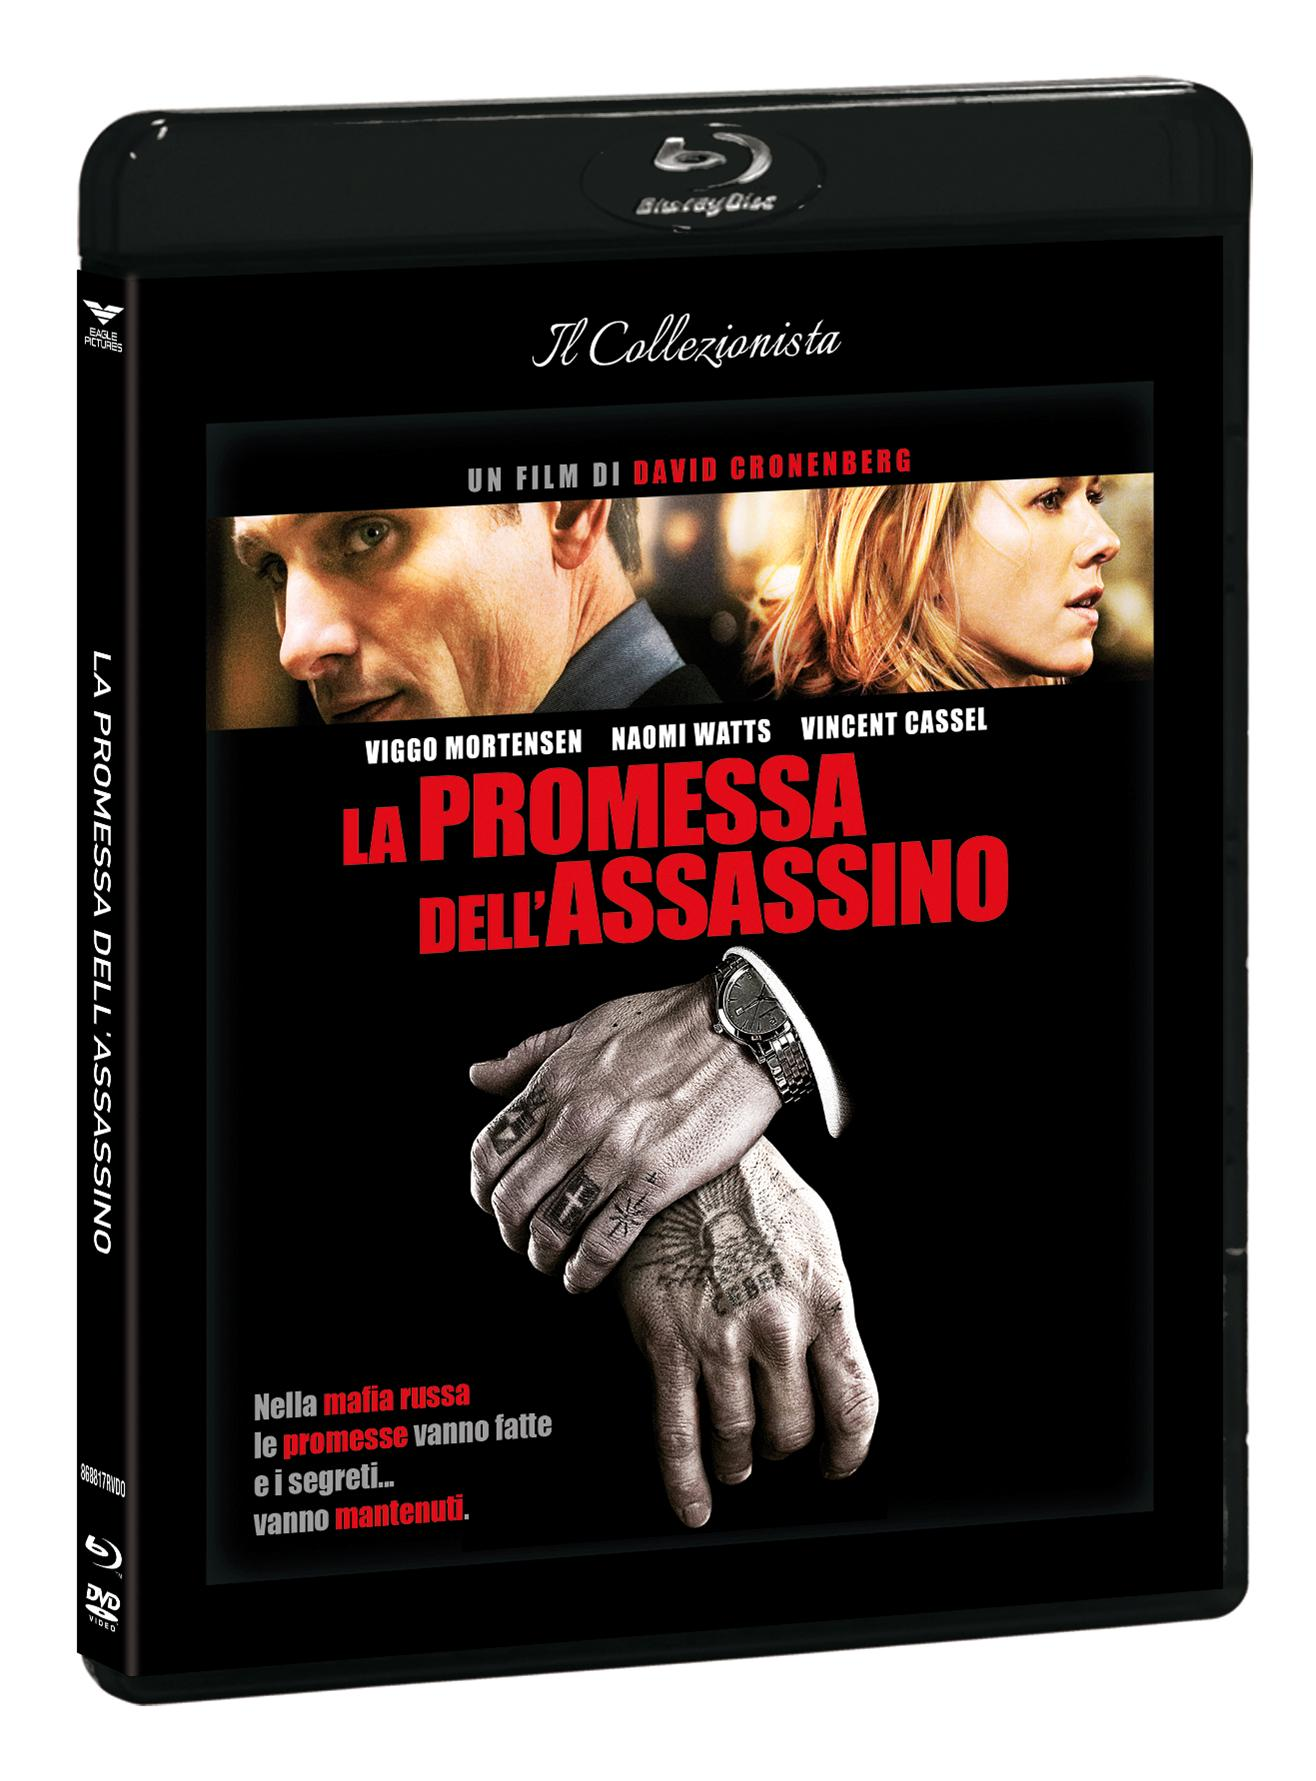 LA PROMESSA DELL'ASSASSINO (BLU-RAY+DVD)